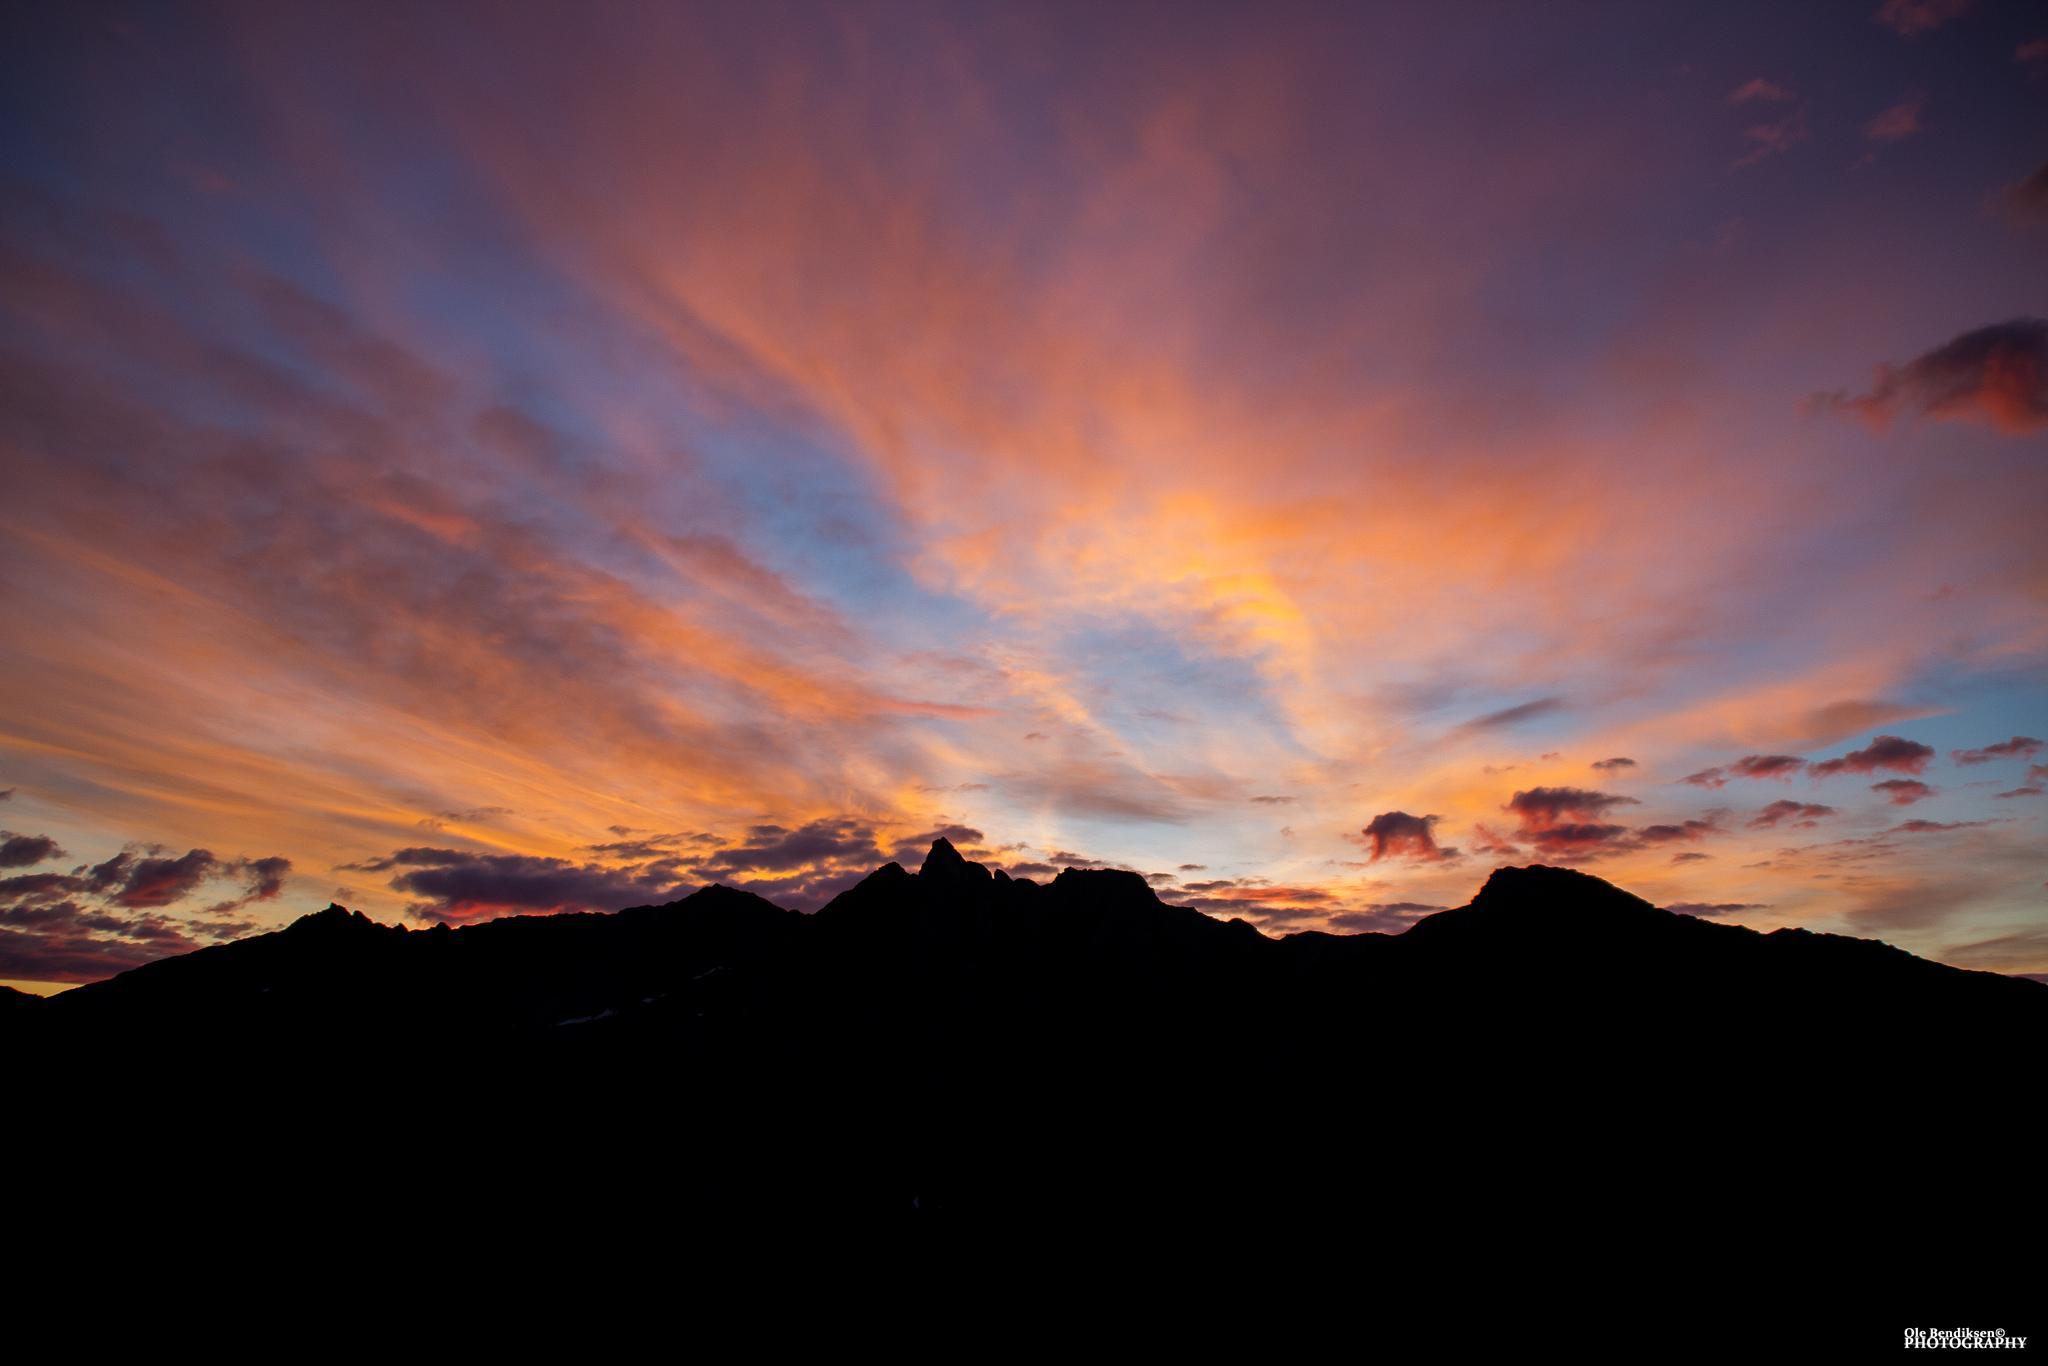 Last of the midnight sun by OleBendiksen